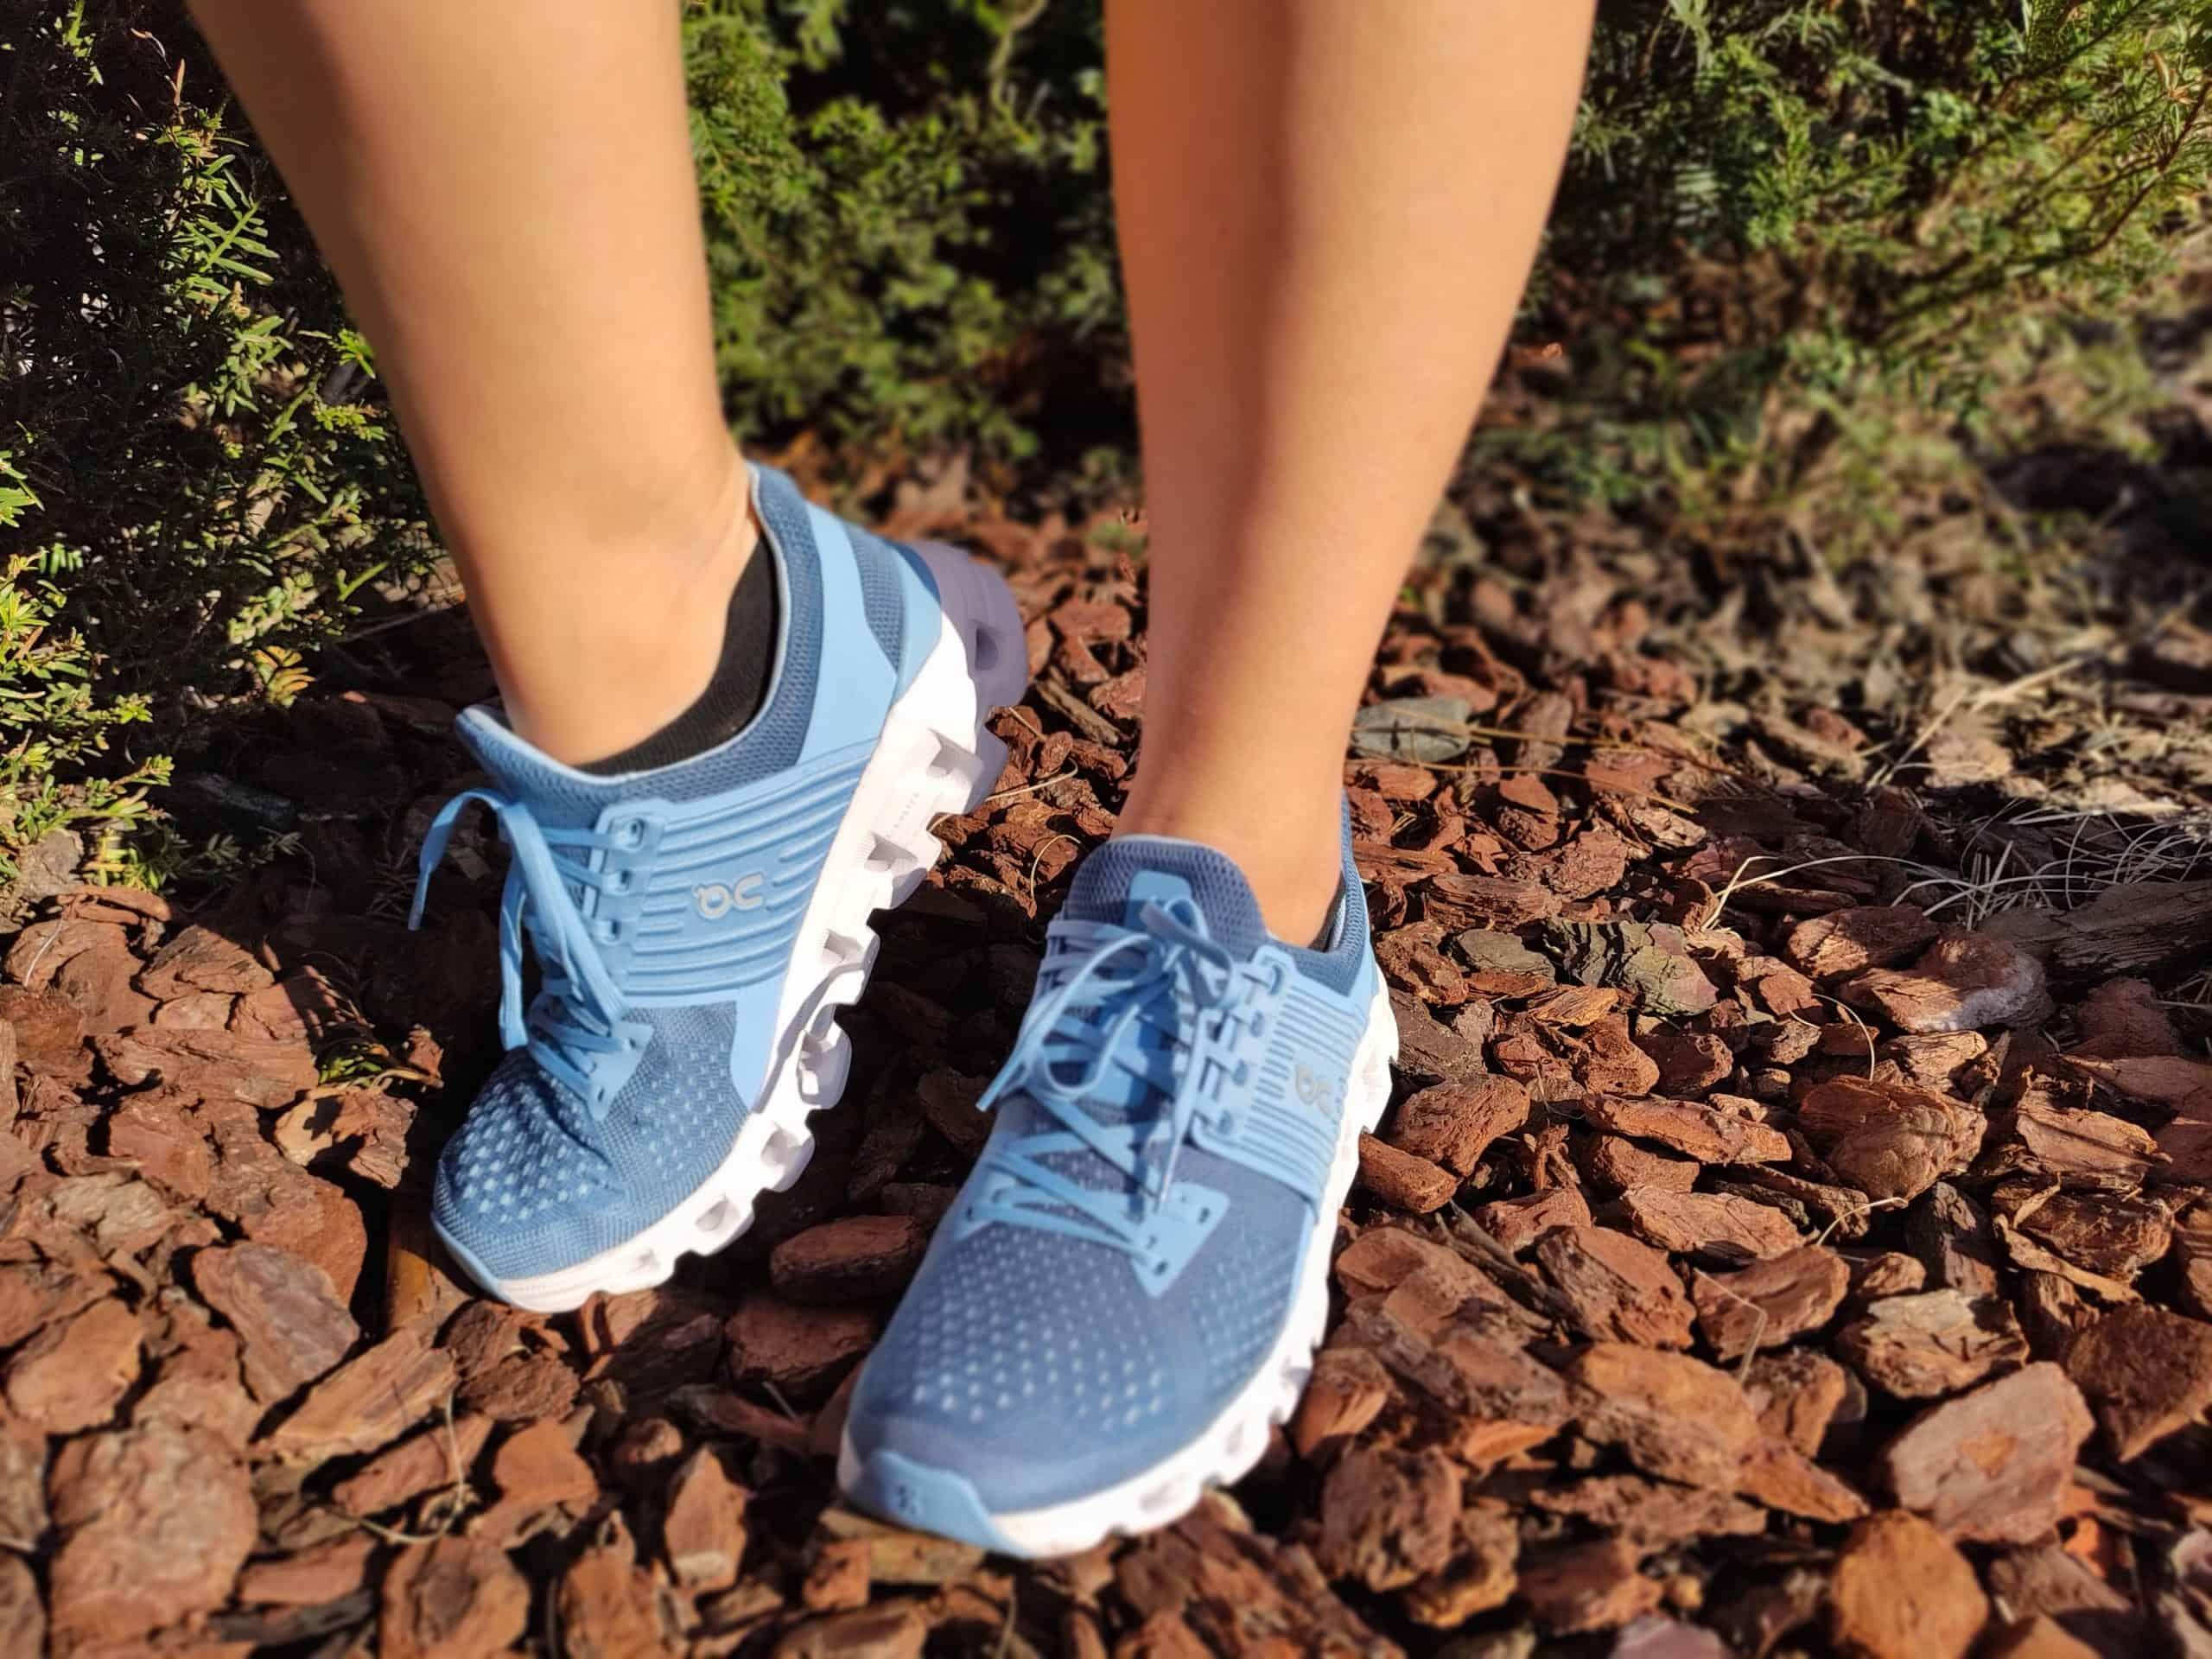 Voorbeeld van lage schoenen